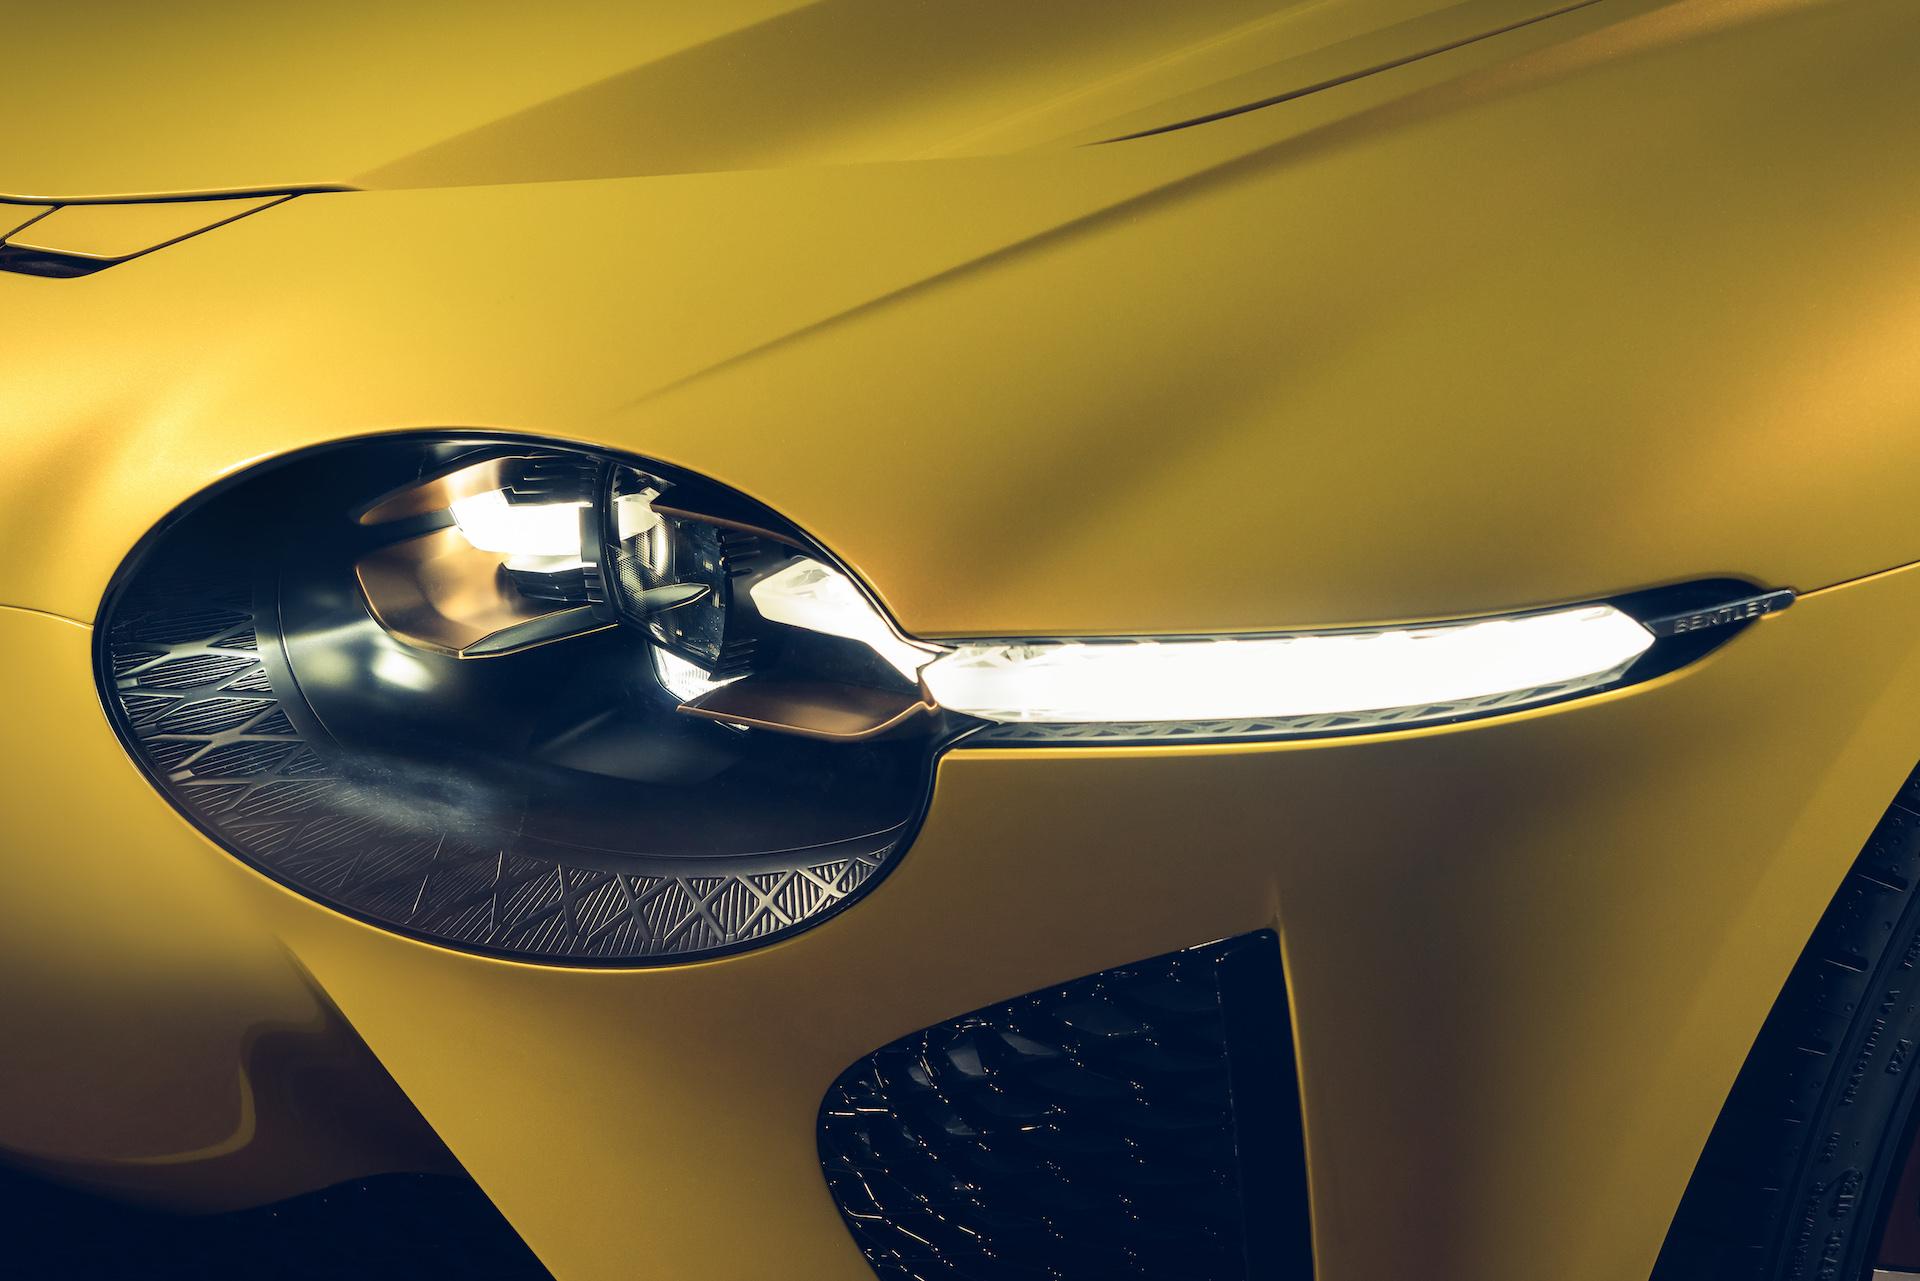 Offener Zweisitzer-GT mit 659 PS: Der neue Bentley Bacalar 7